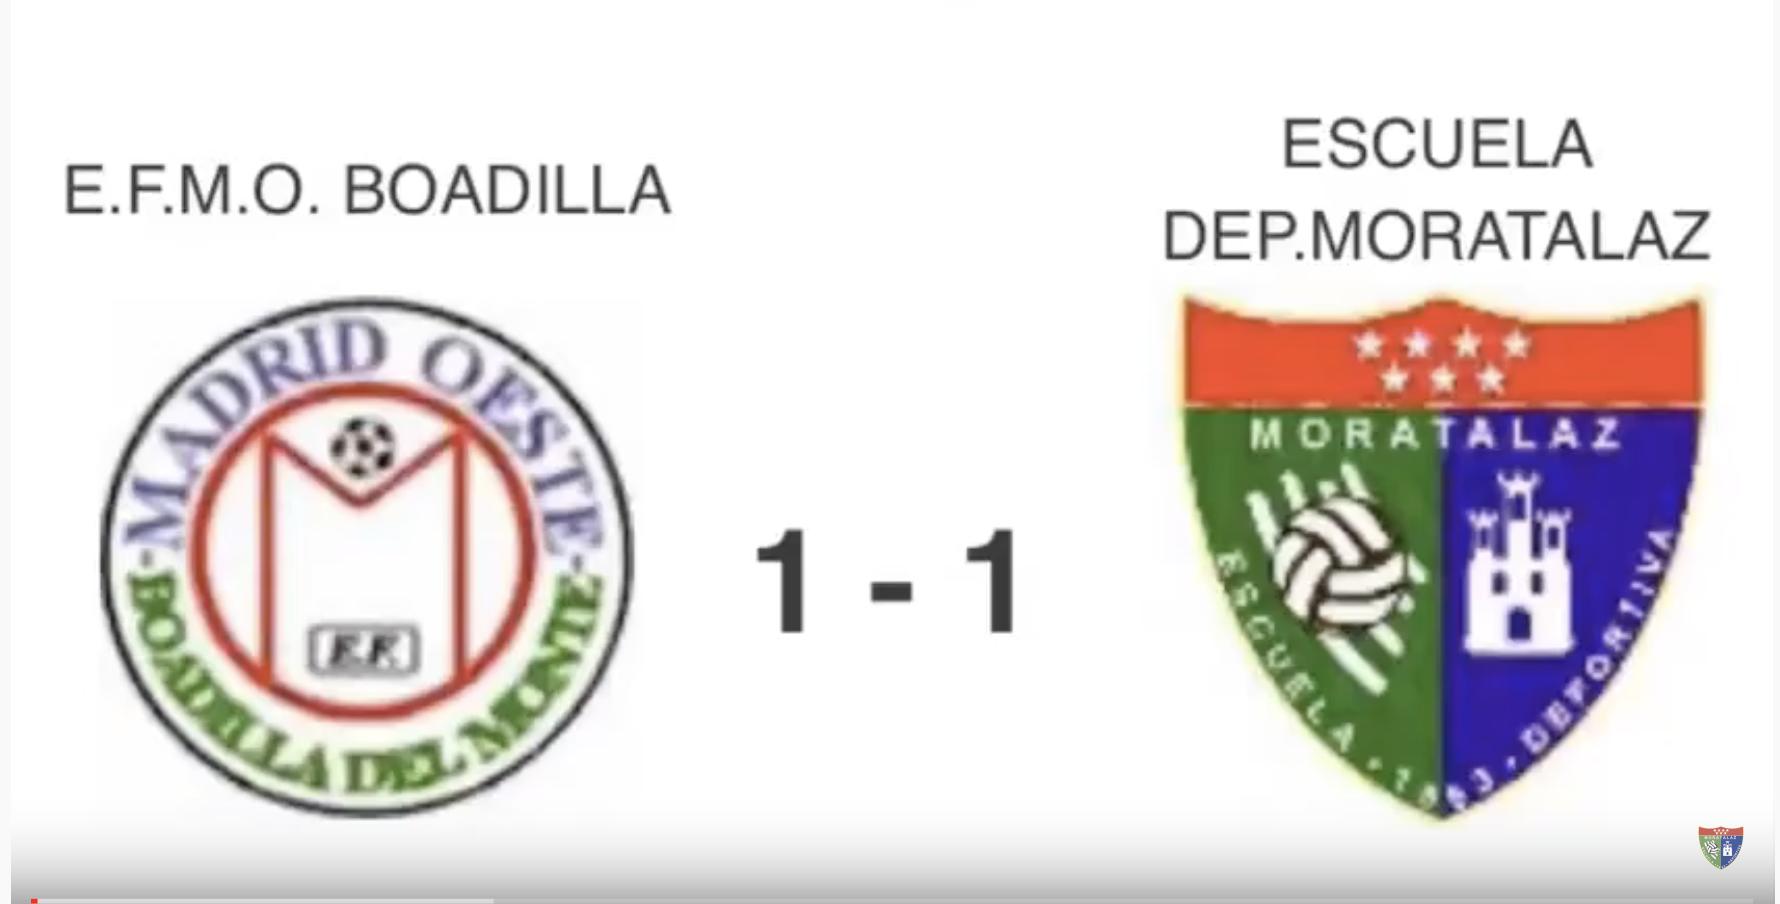 Vídeoresumen | EFMO Boadilla 1-1 Juvenil A